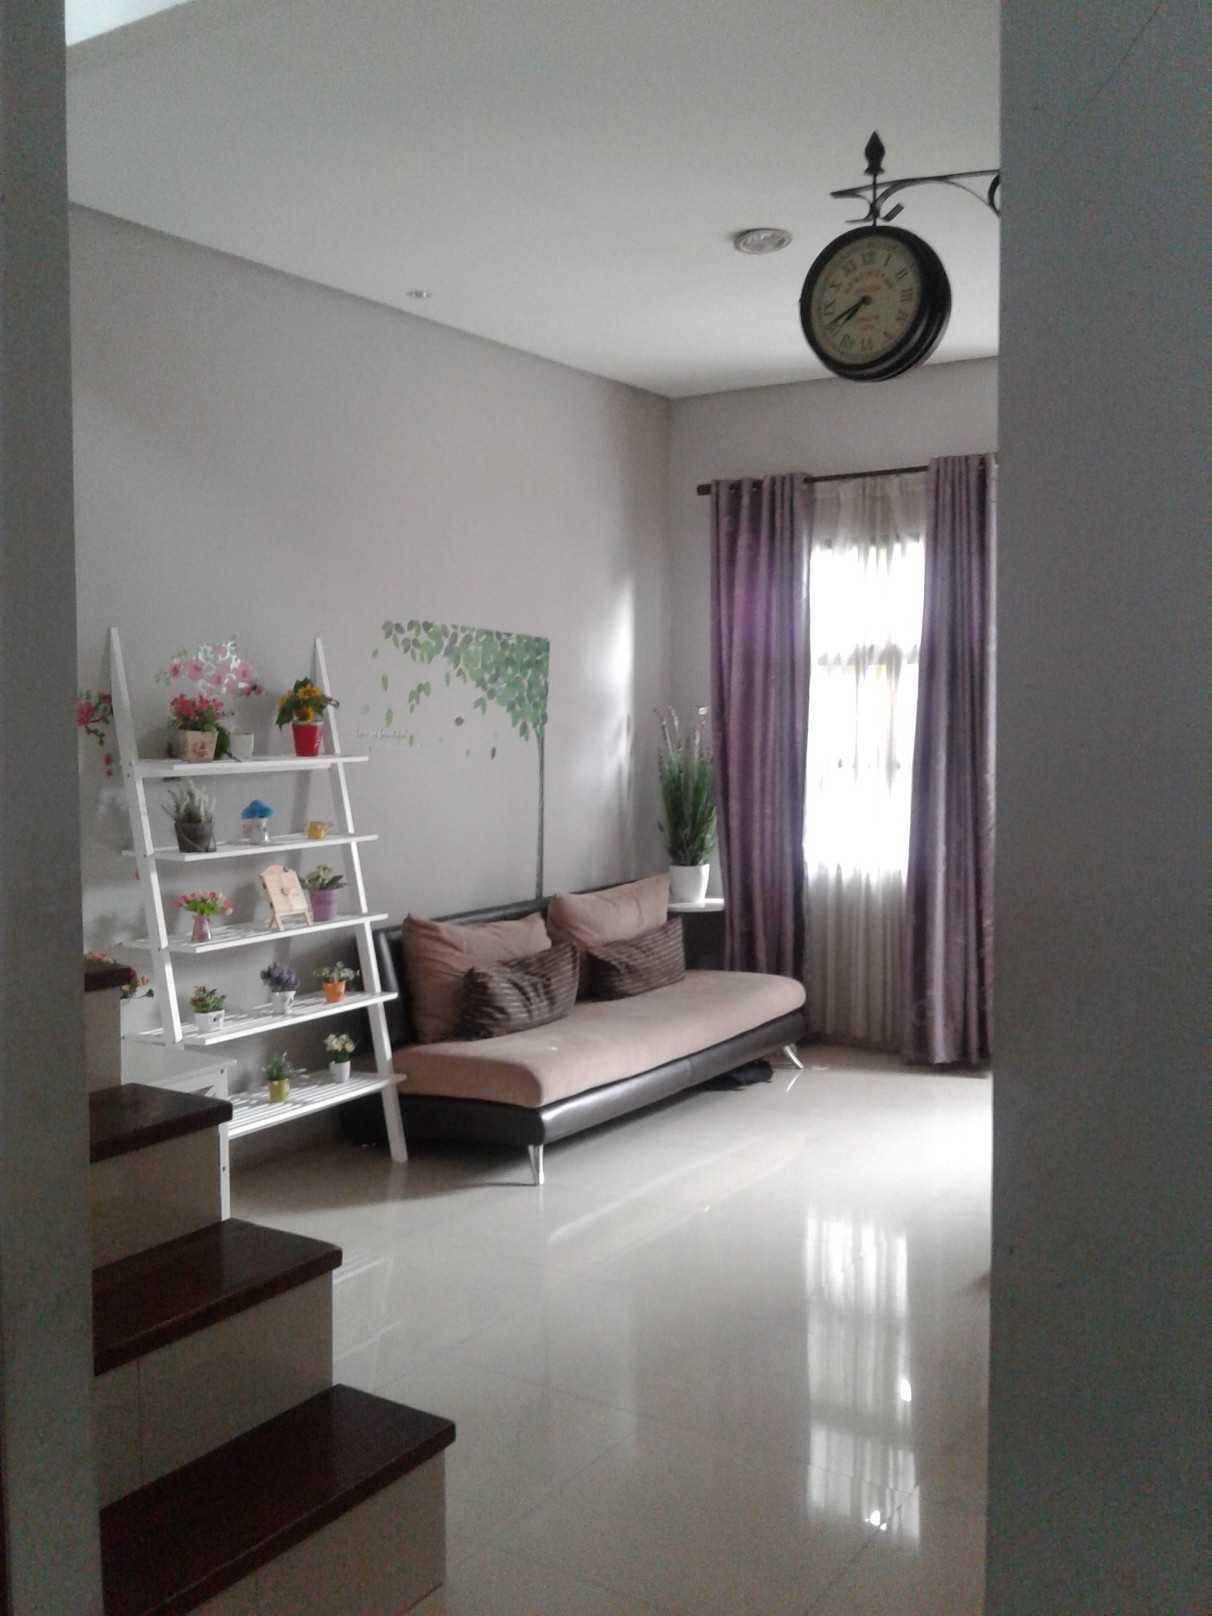 Mki Bw House Lubang Buaya, Jakarta Timur Lubang Buaya, Jakarta Timur Living Room Modern  19380